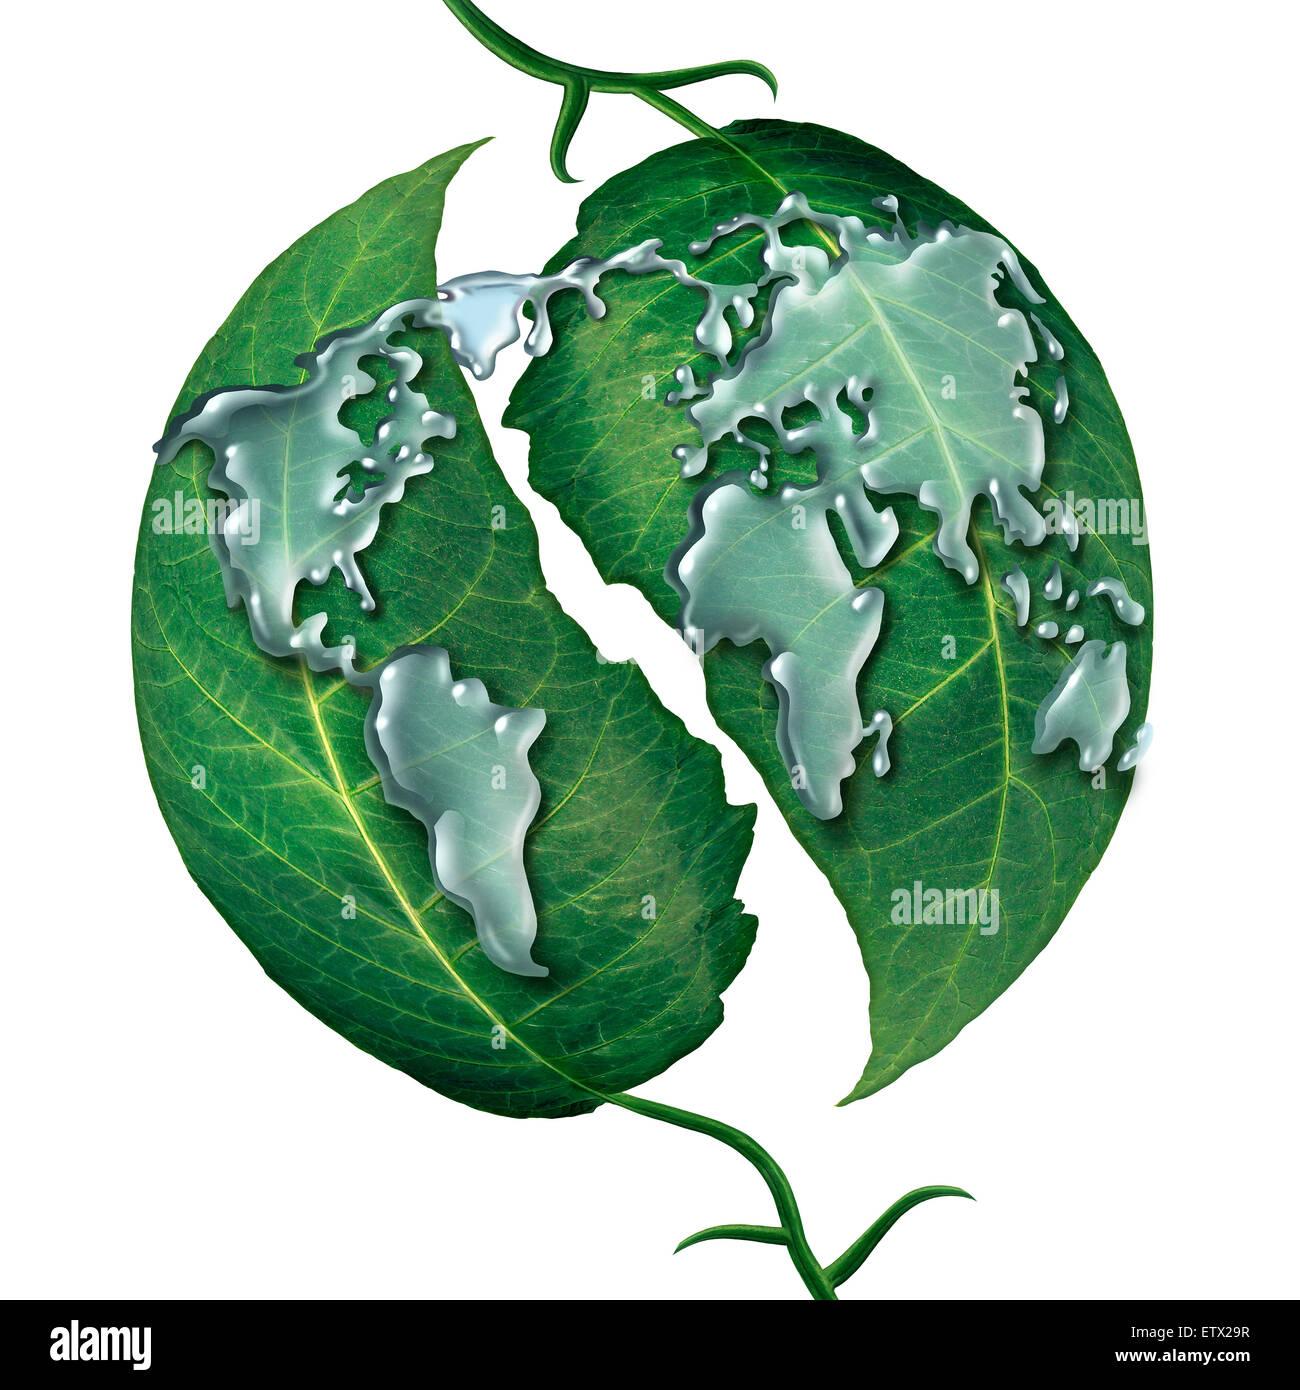 Welt Blatt Wasser Tropfen Konzept als eine Gruppe von flüssigen Regentropfen geformt, wie die Karte von der Stockbild